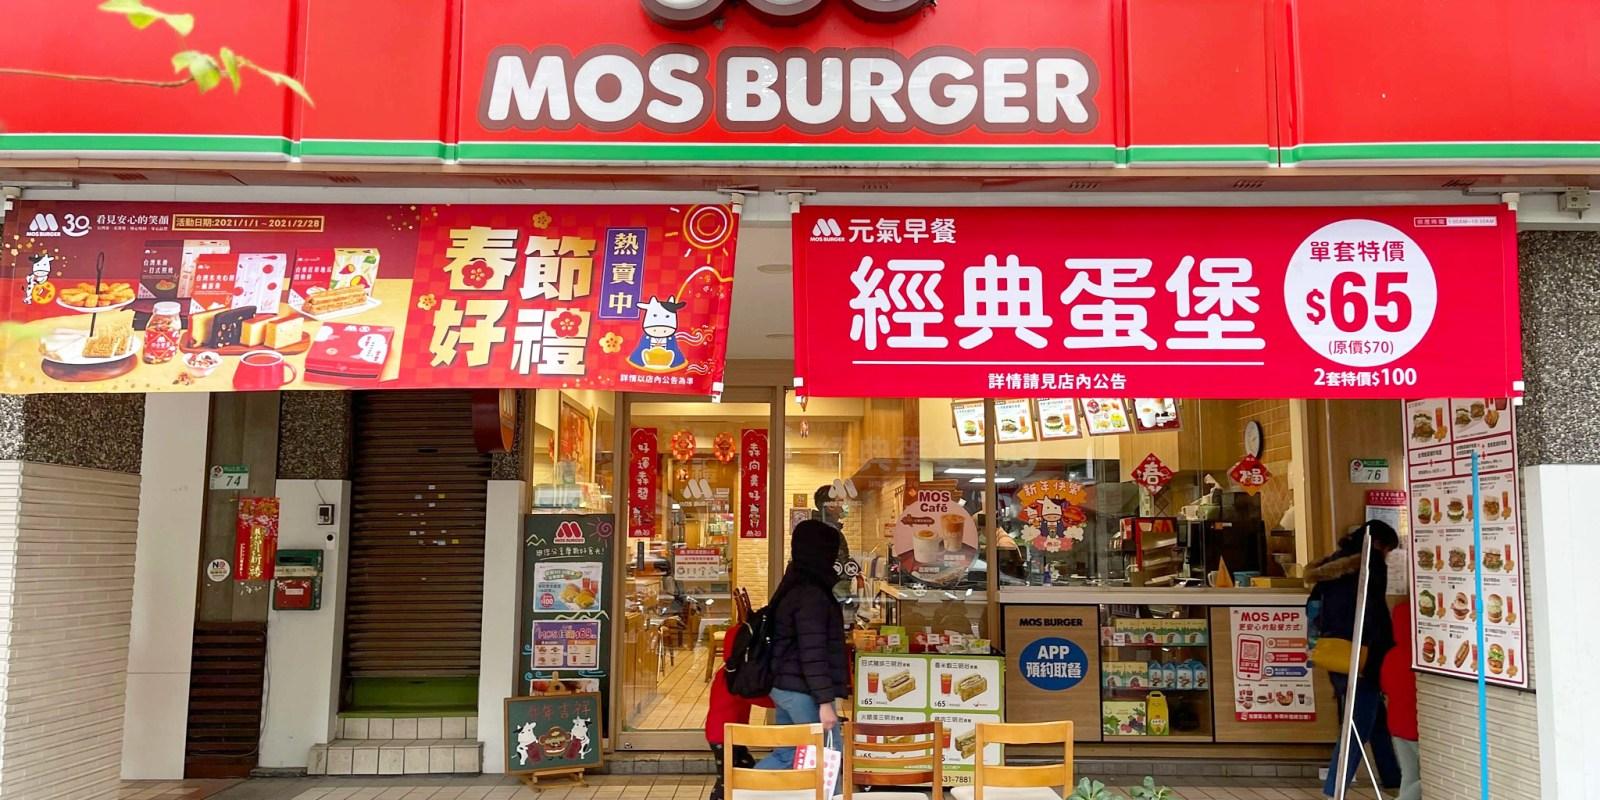 摩斯漢堡 MOS BURGER的2021年菜單、優惠、最新品項和分店介紹(5月更新)